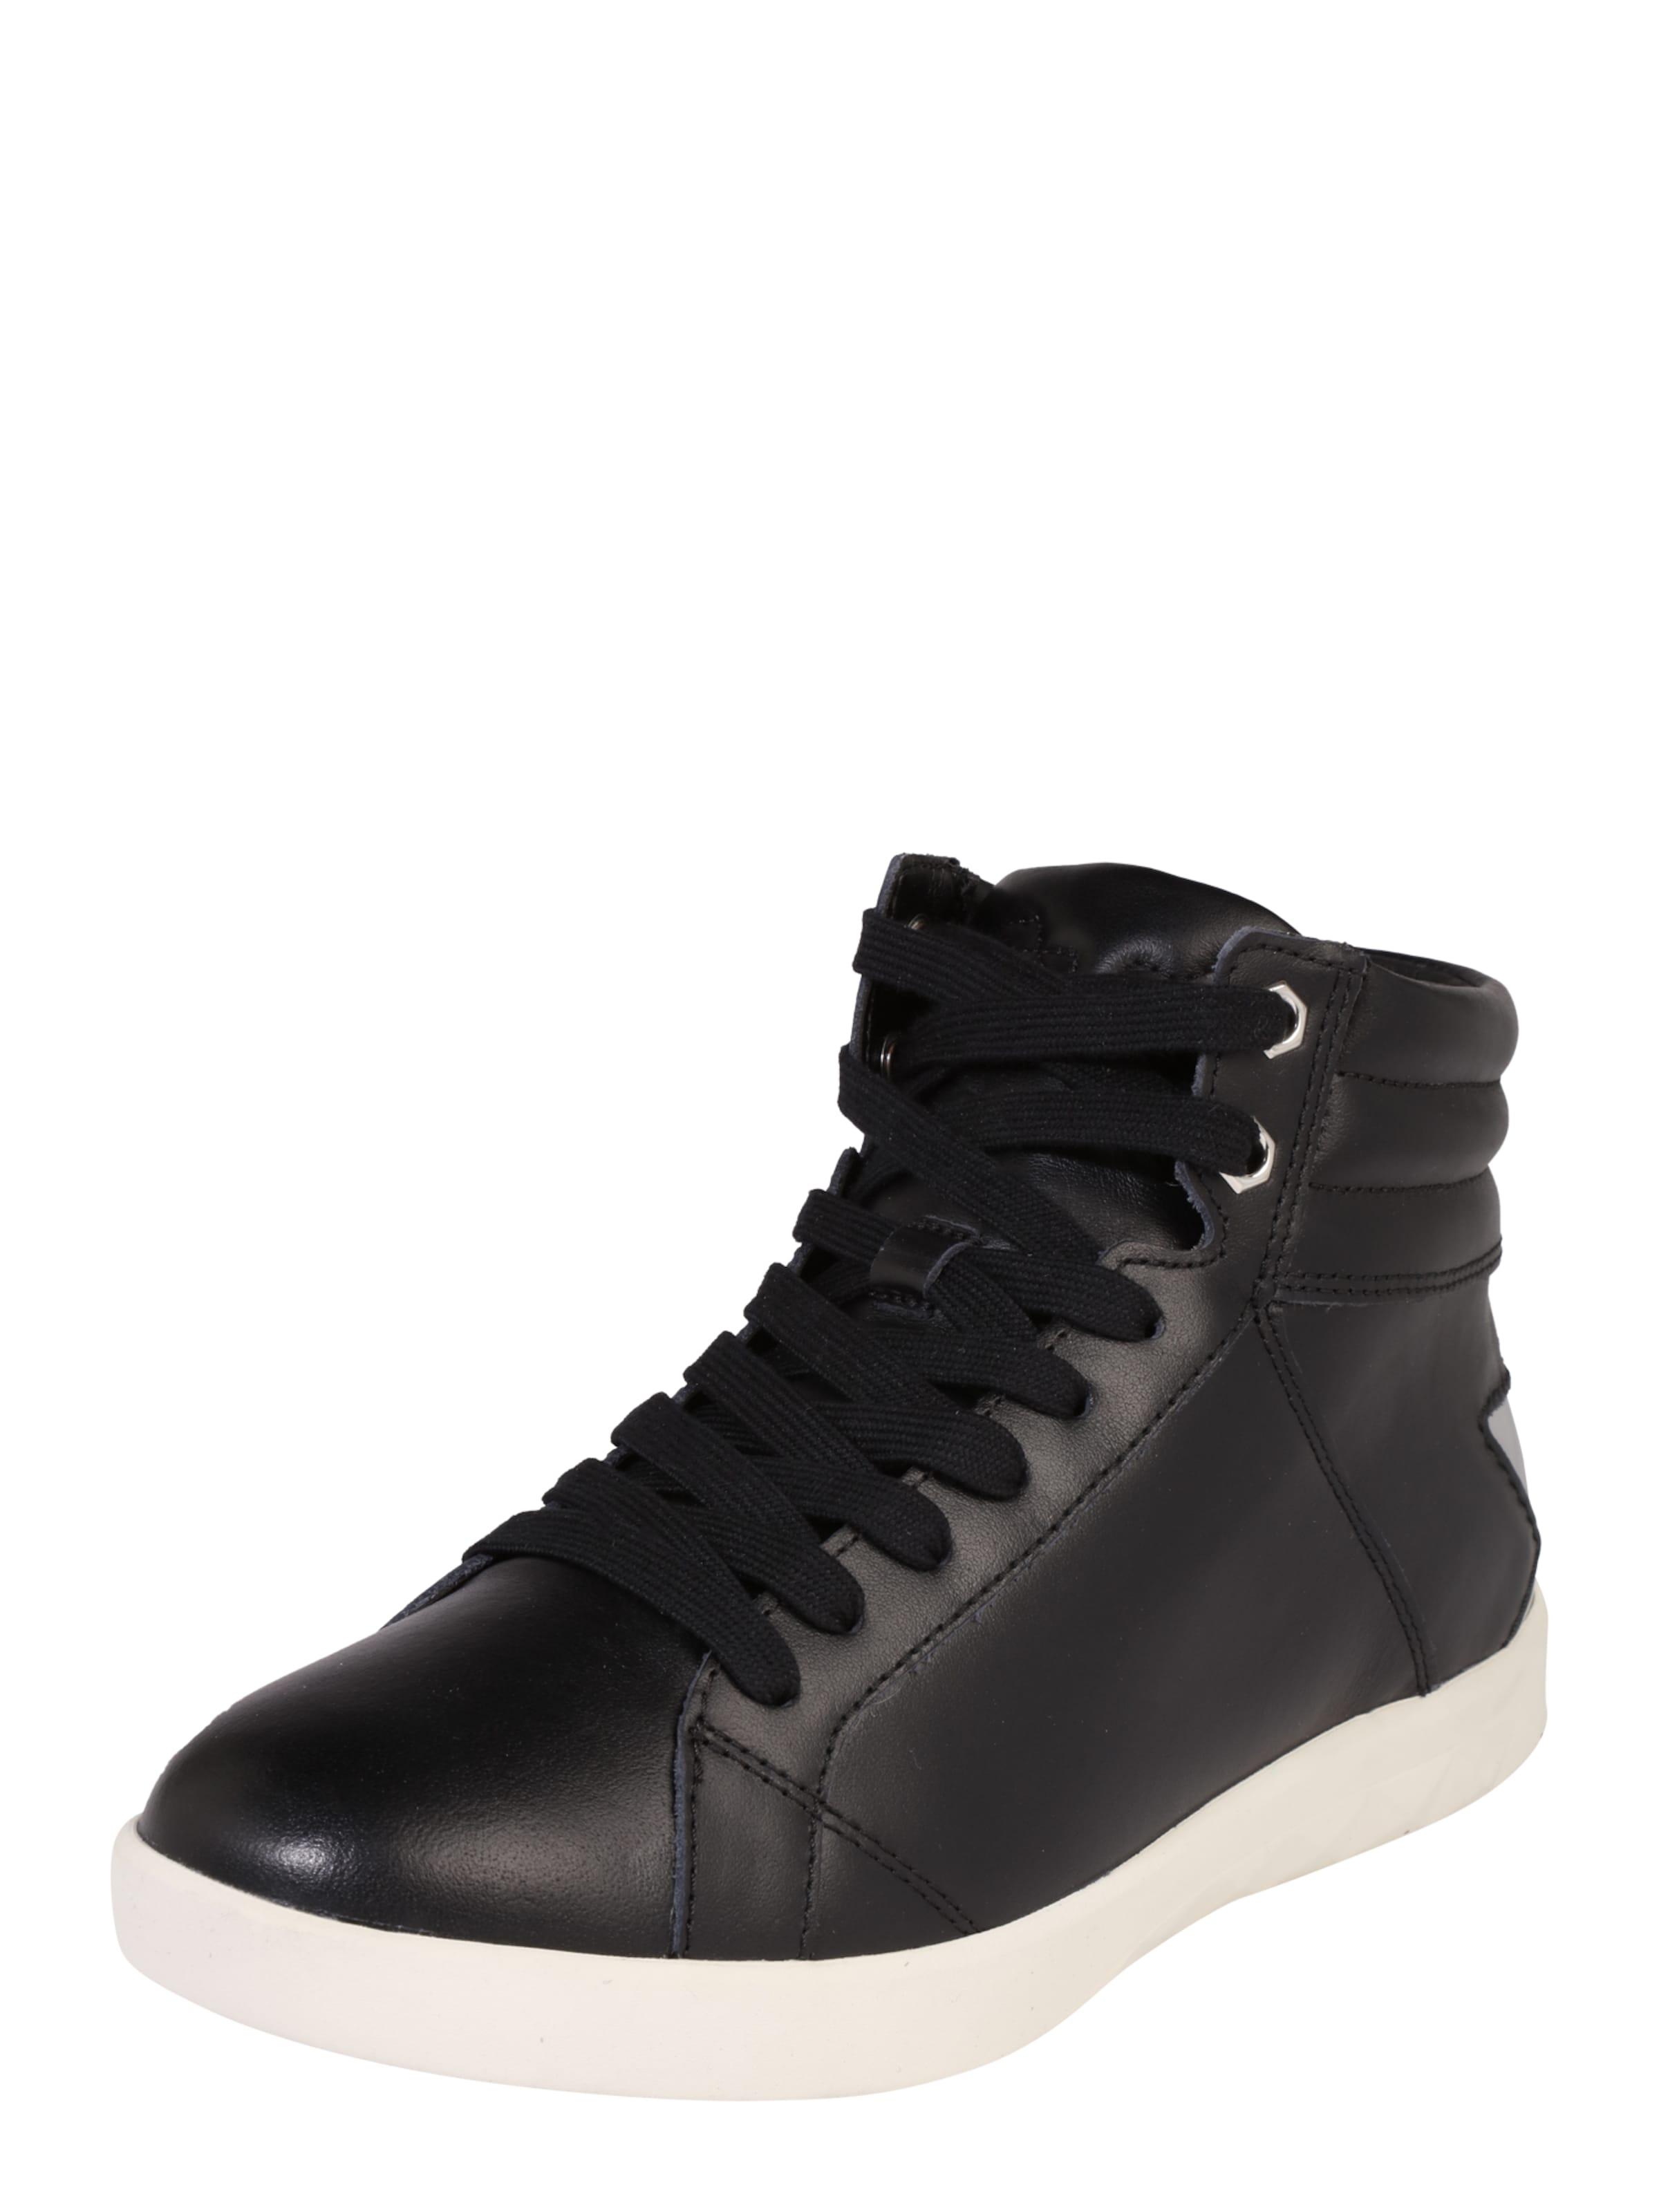 DIESEL  SOLSTICE  Sneakers